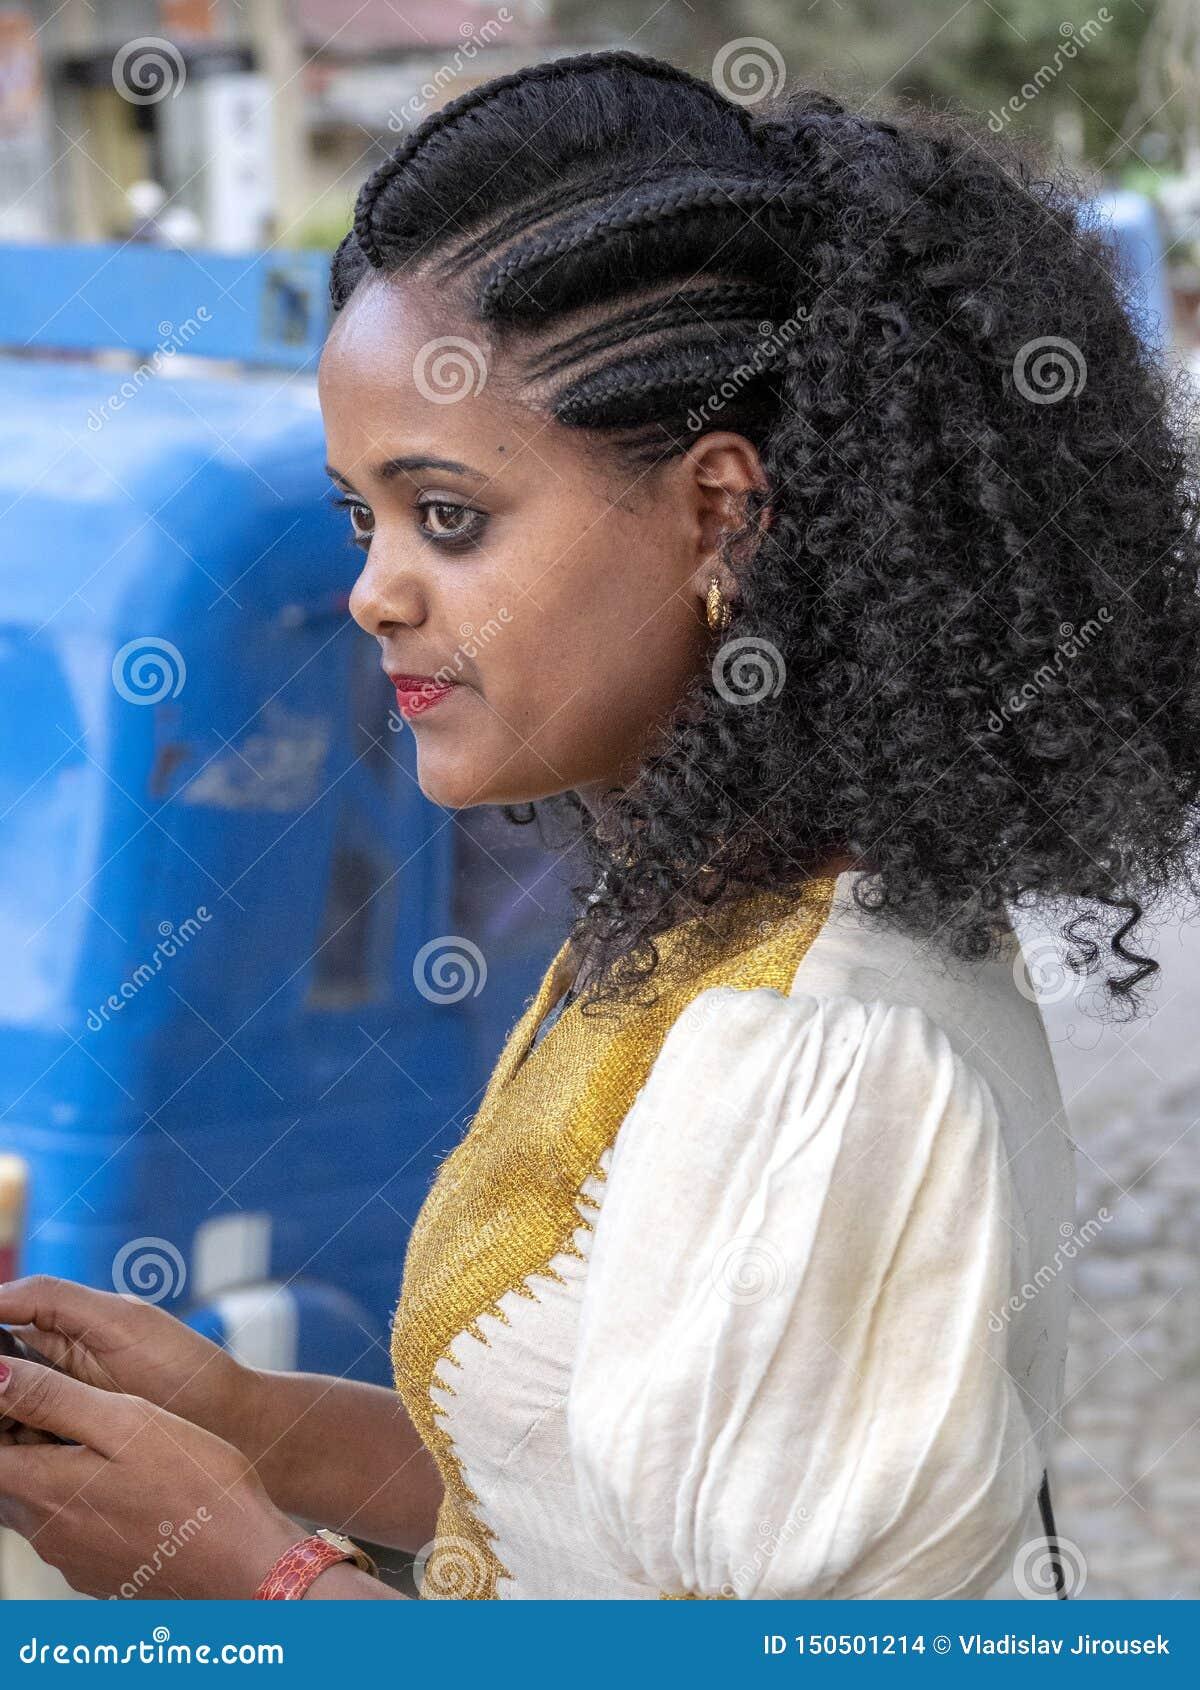 Ethiopian girl beauty